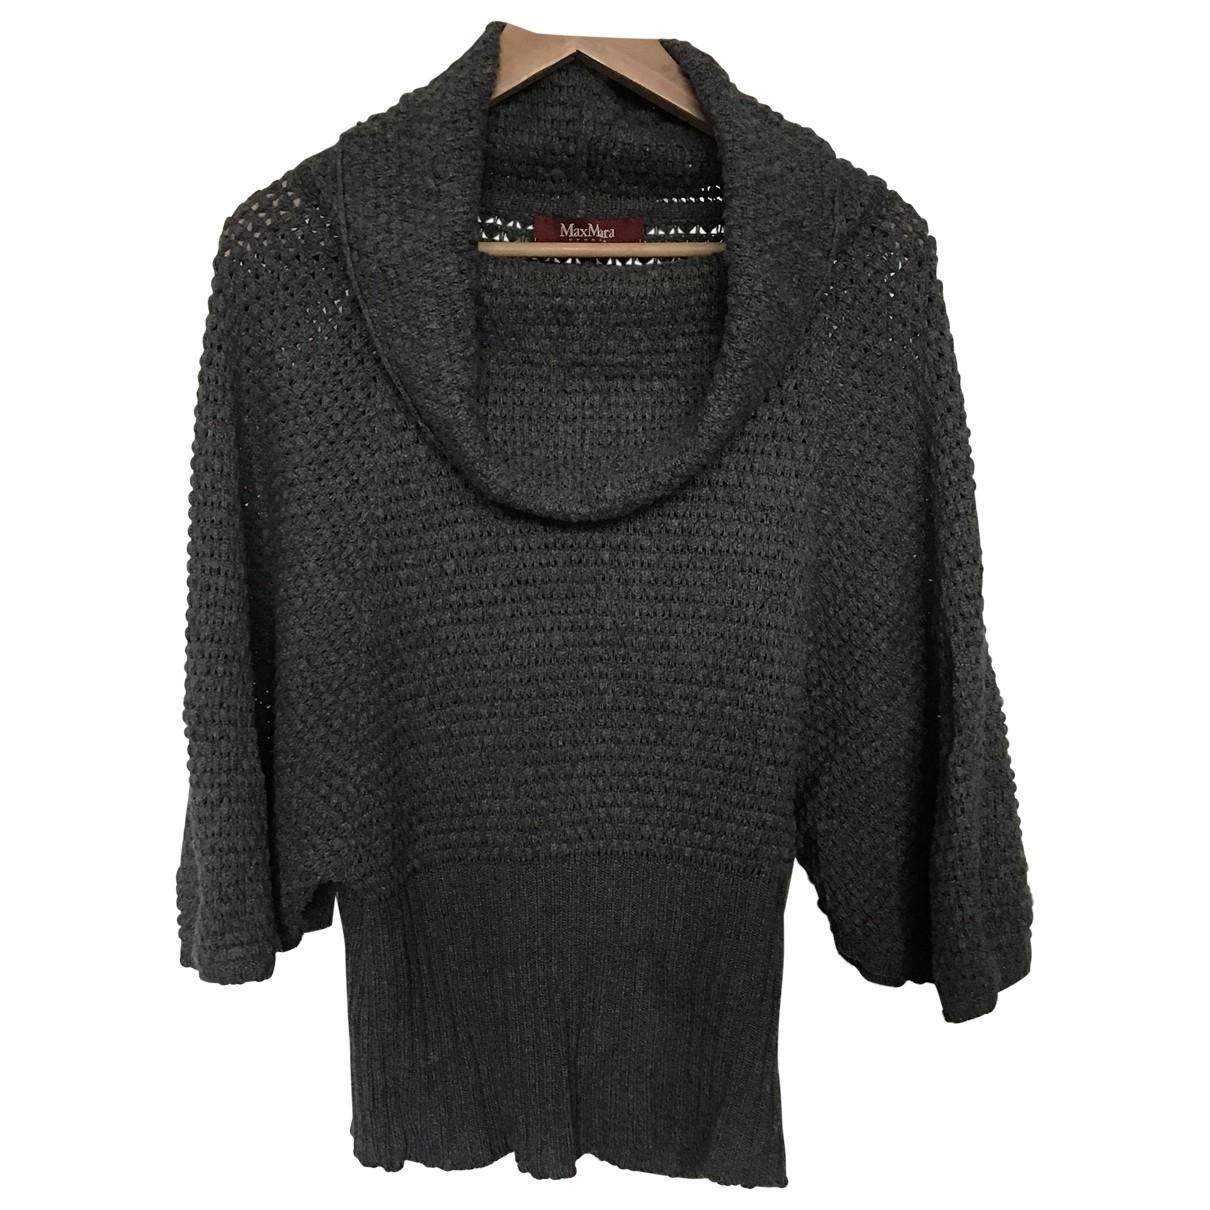 Max Mara Studio - Pull   pour femme en laine - gris